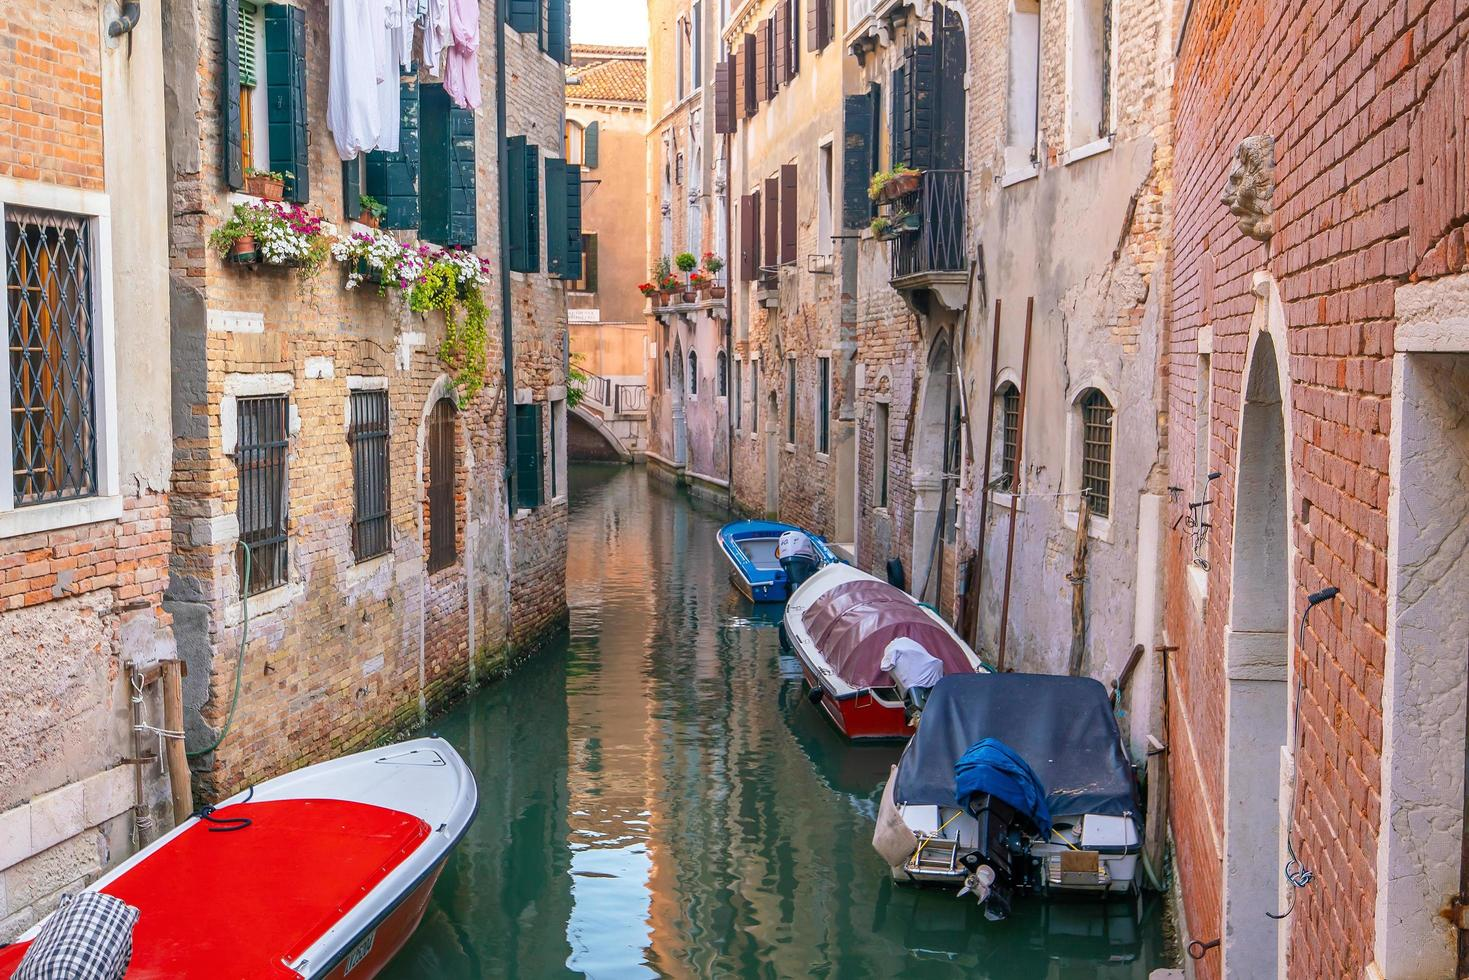 imagen del paisaje urbano del centro de venecia foto